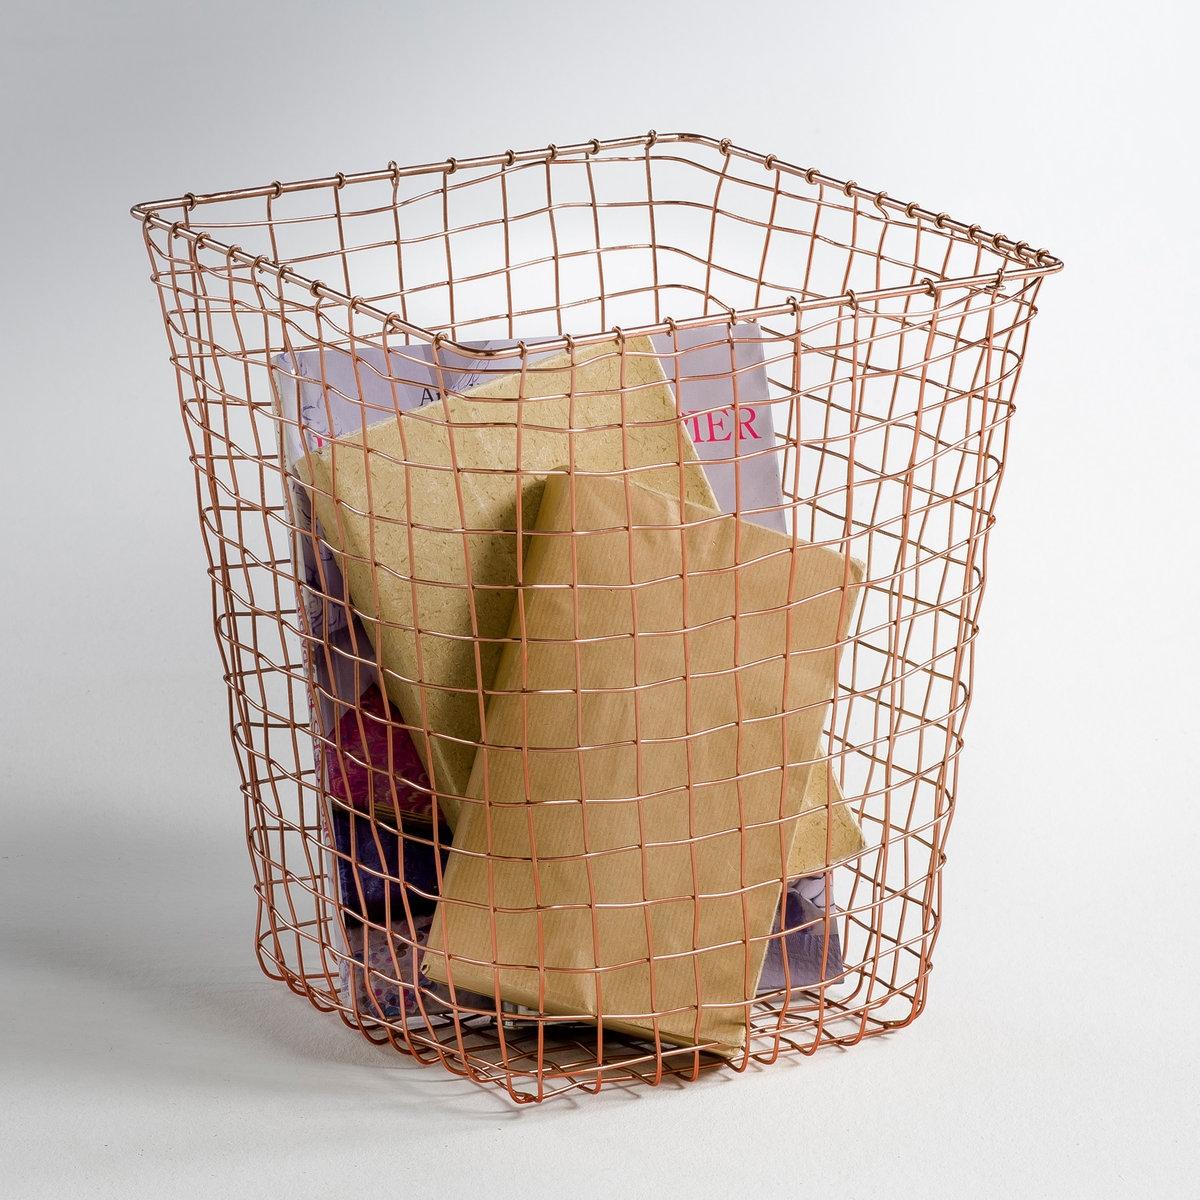 Корзина металлическая  медная , EloriХарактеристики :Металлическая решетка, эпоксидное покрытие медного цвета .Размеры :ОбщиеШирина : 34 см Высота : 25,5 смГлубина : 28,5 см Вся гамма Elori на нашем сайте  .<br><br>Цвет: медный